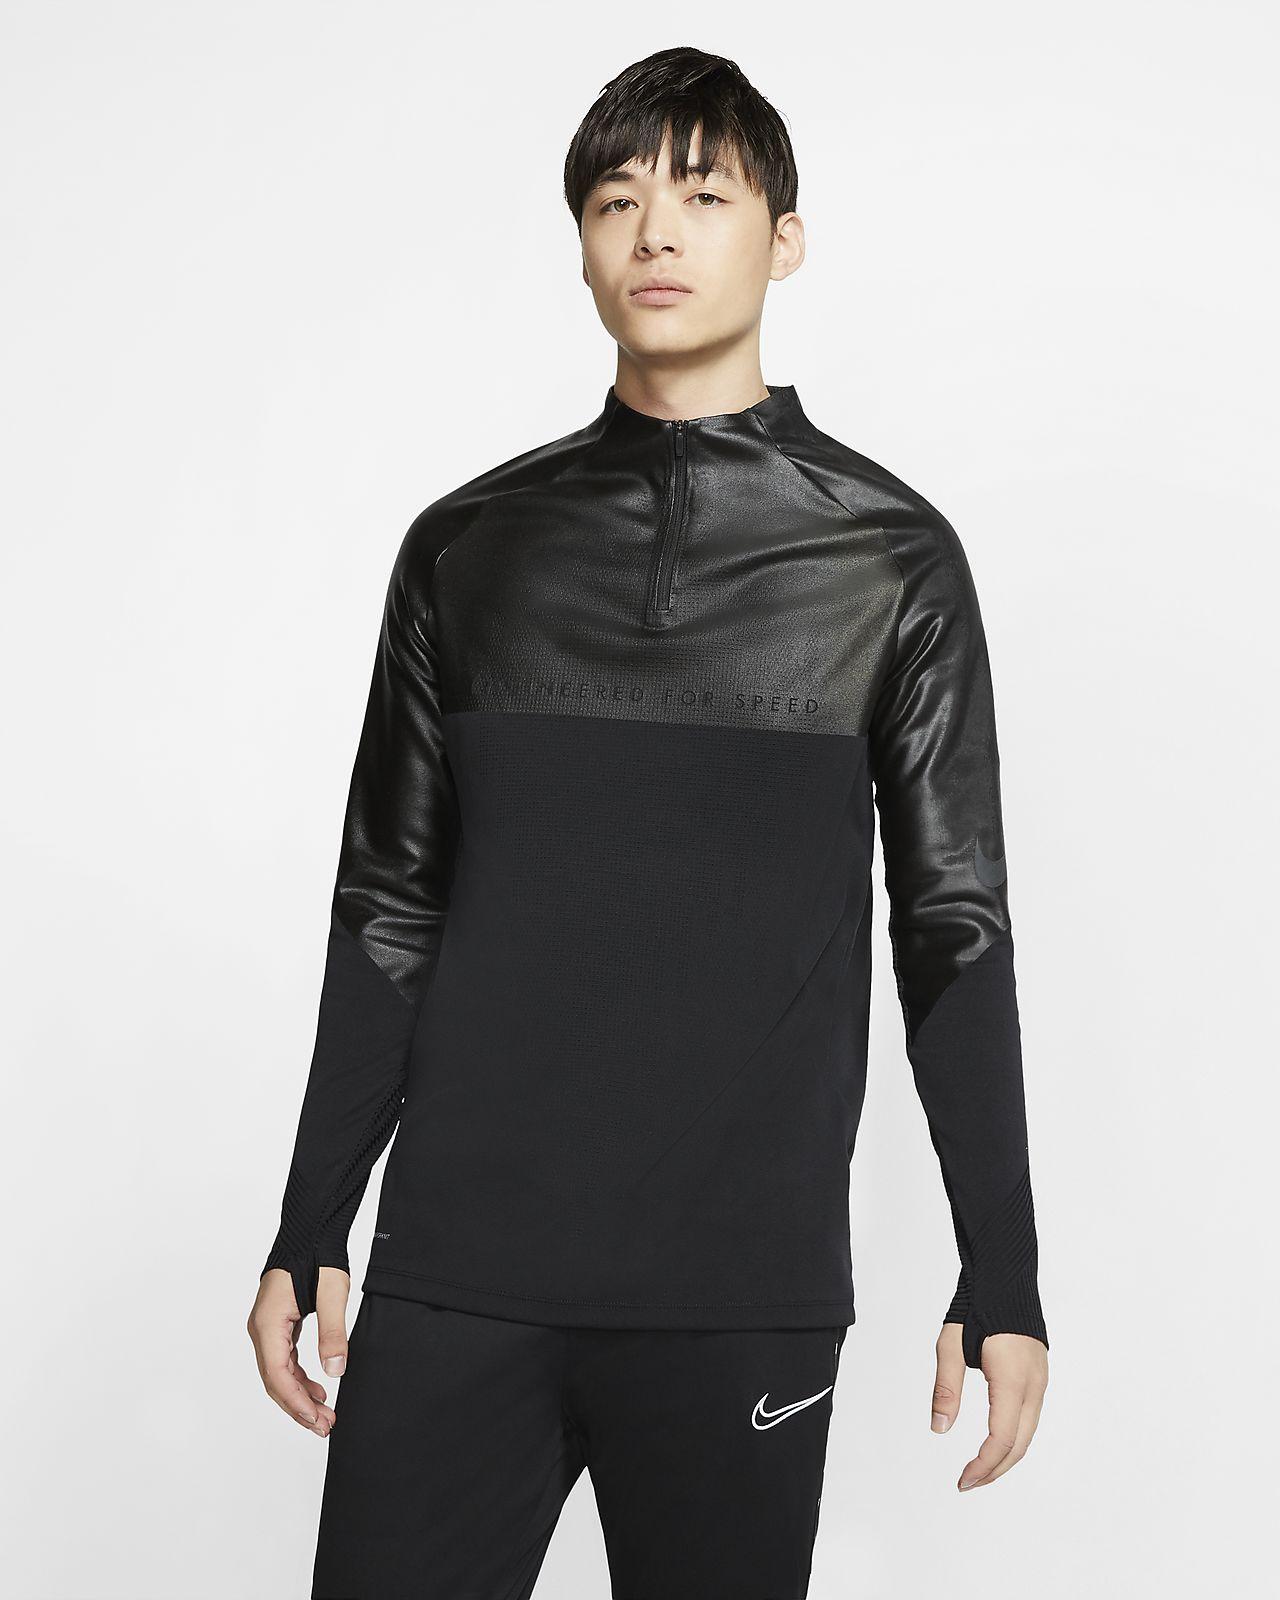 Maglia da calcio per allenamento Nike VaporKnit Strike - Uomo